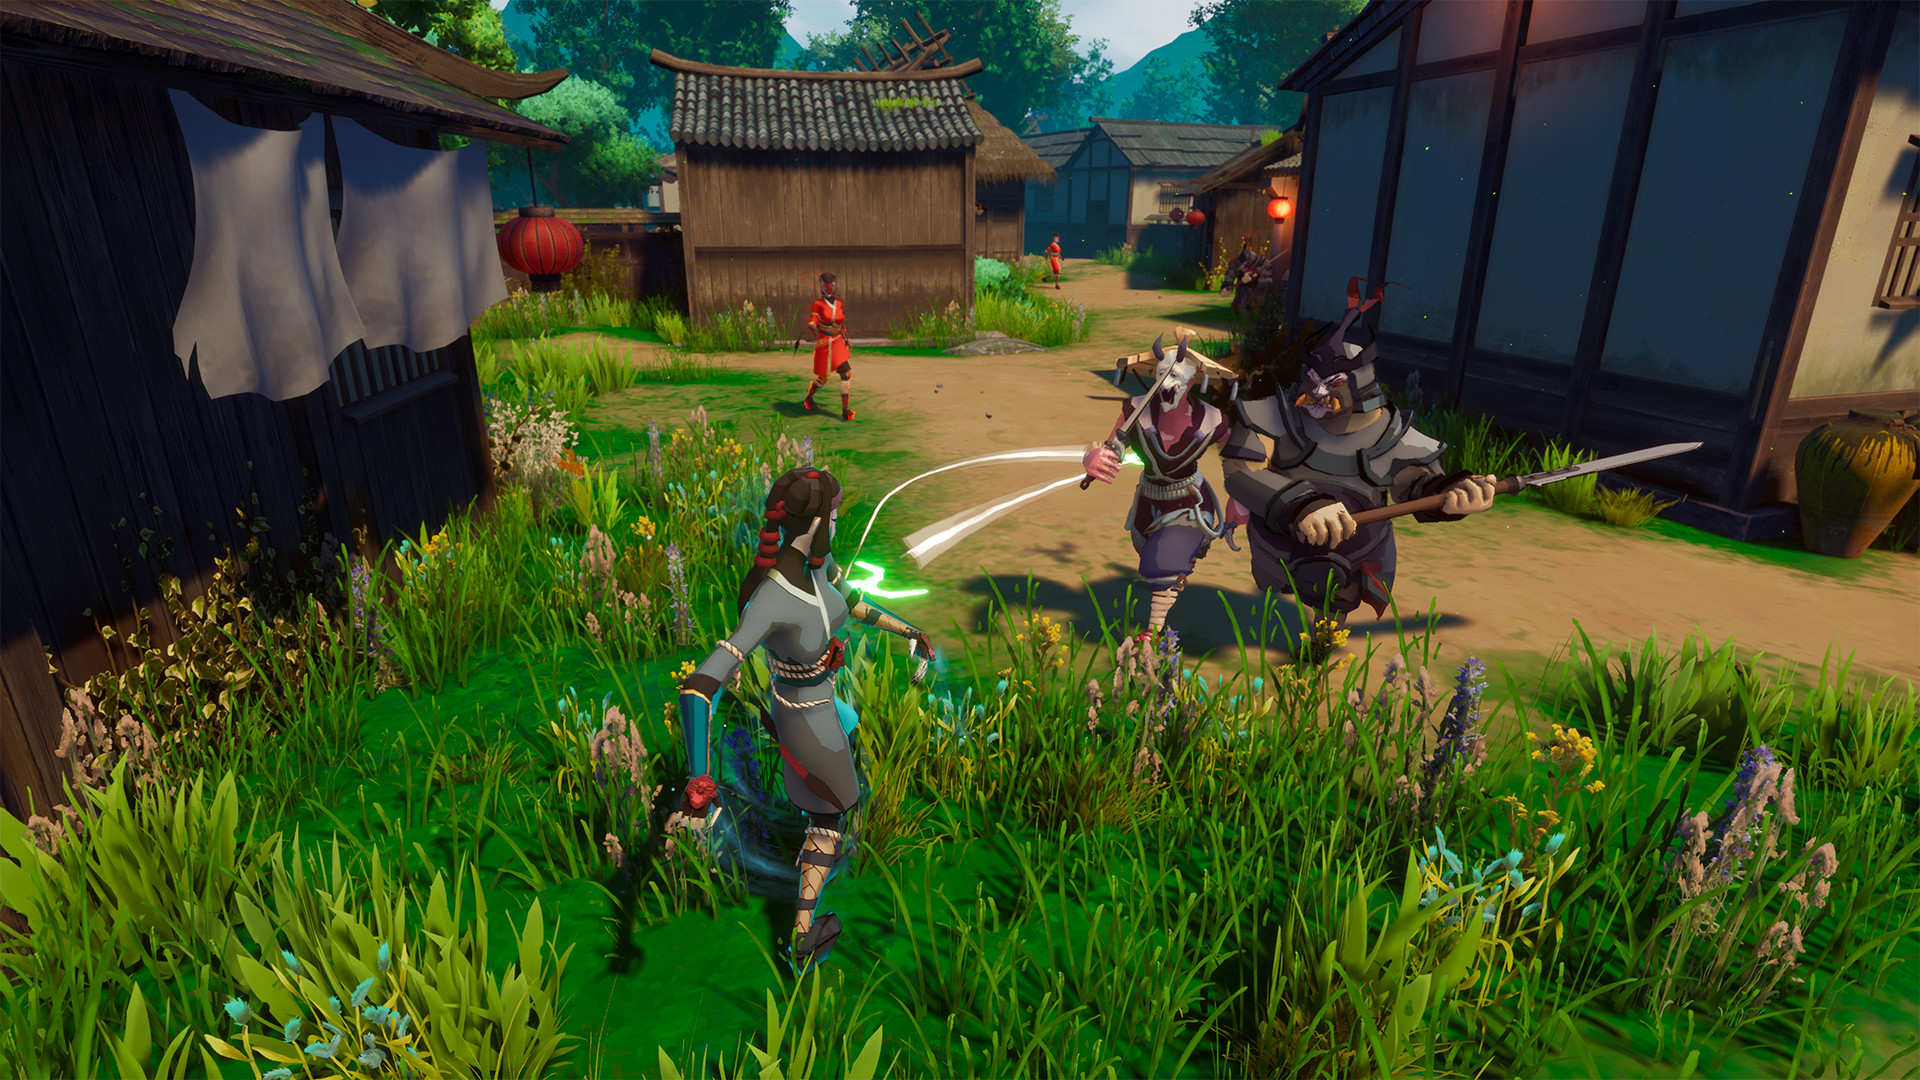 3D动作Rogue游戏《Rogue Spirit》现已推出试玩Demo